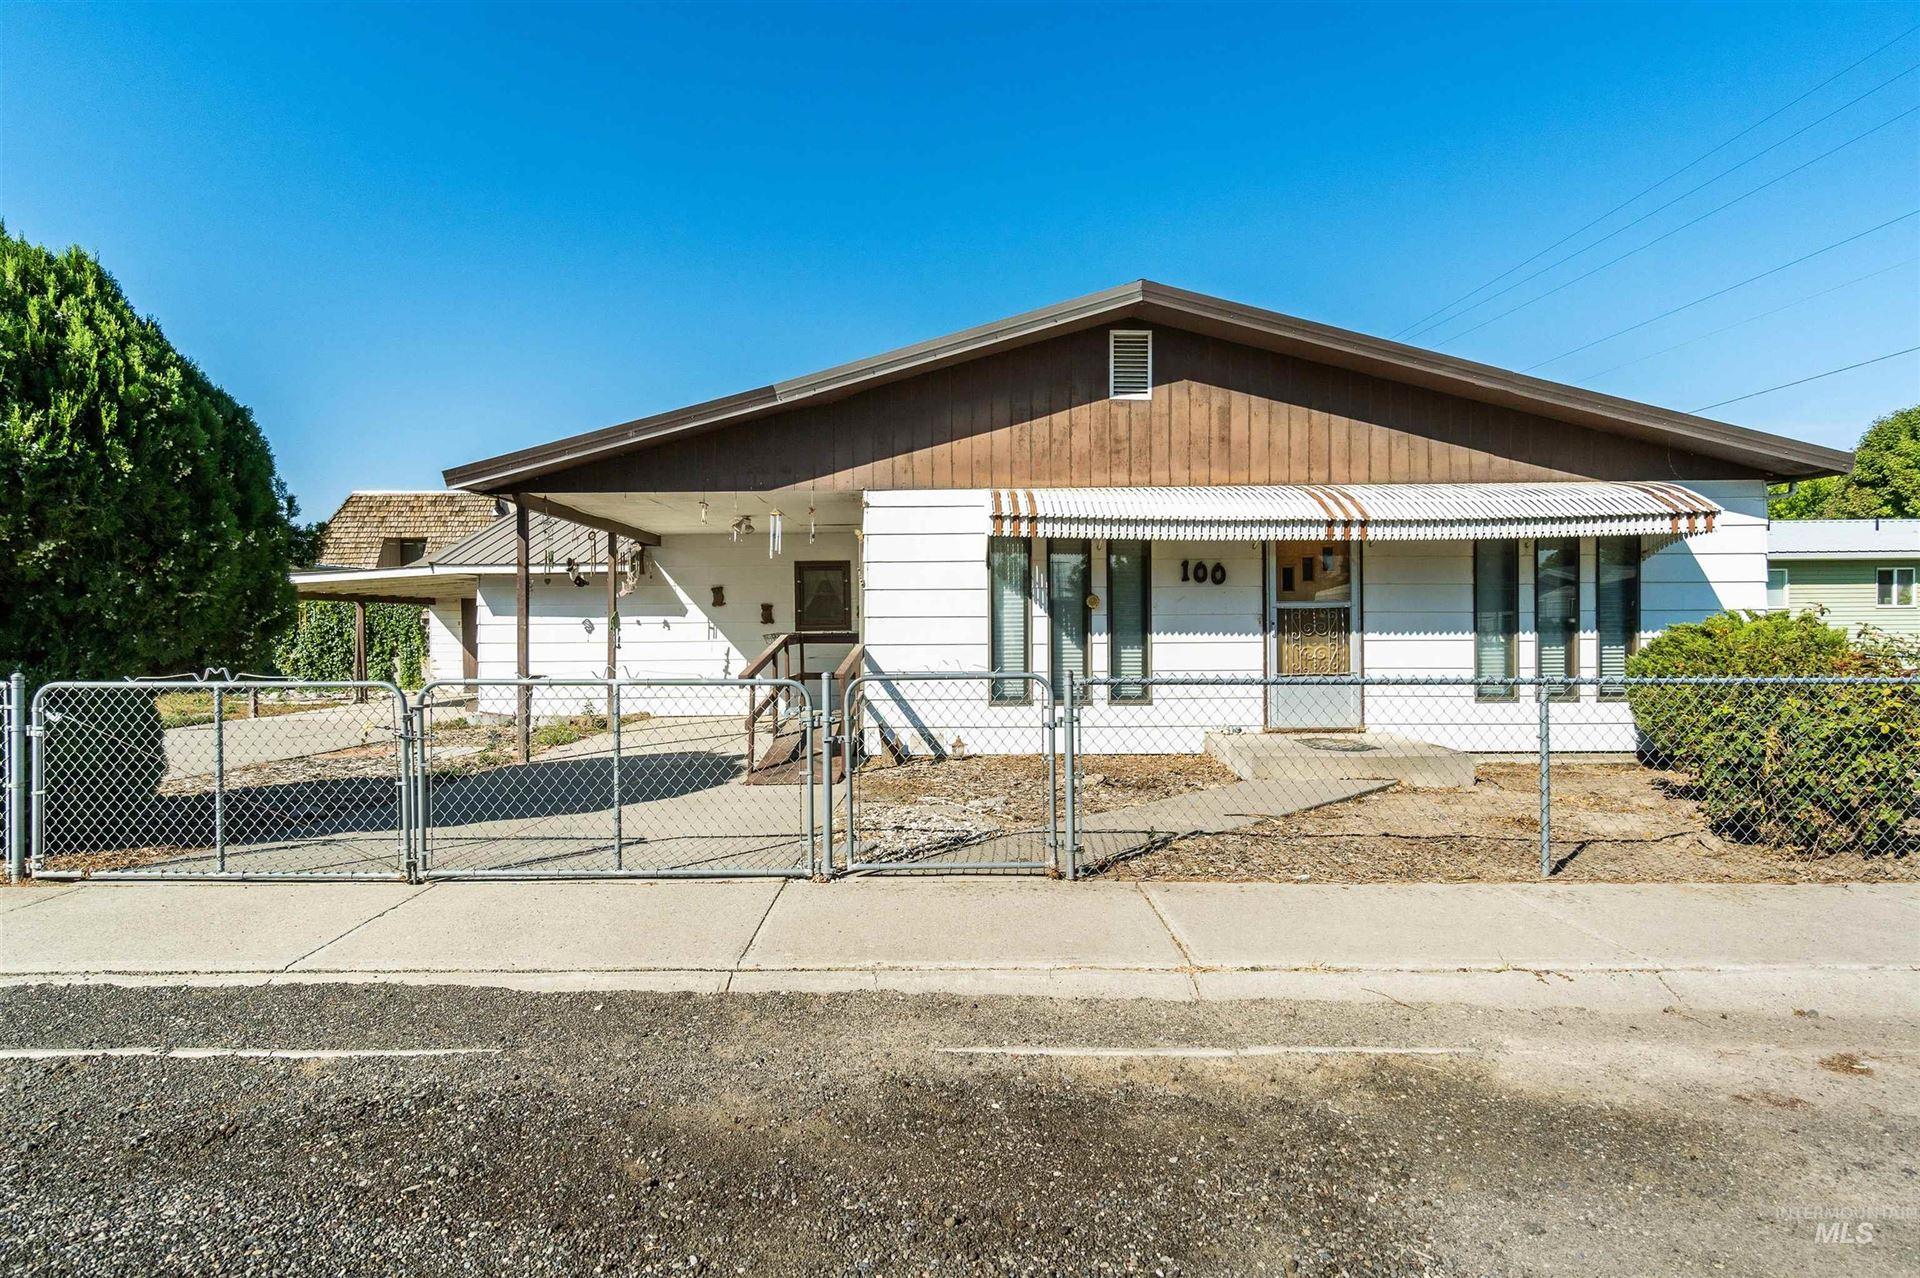 100 N Boise St, Wendell, ID 83355 - MLS#: 98820086